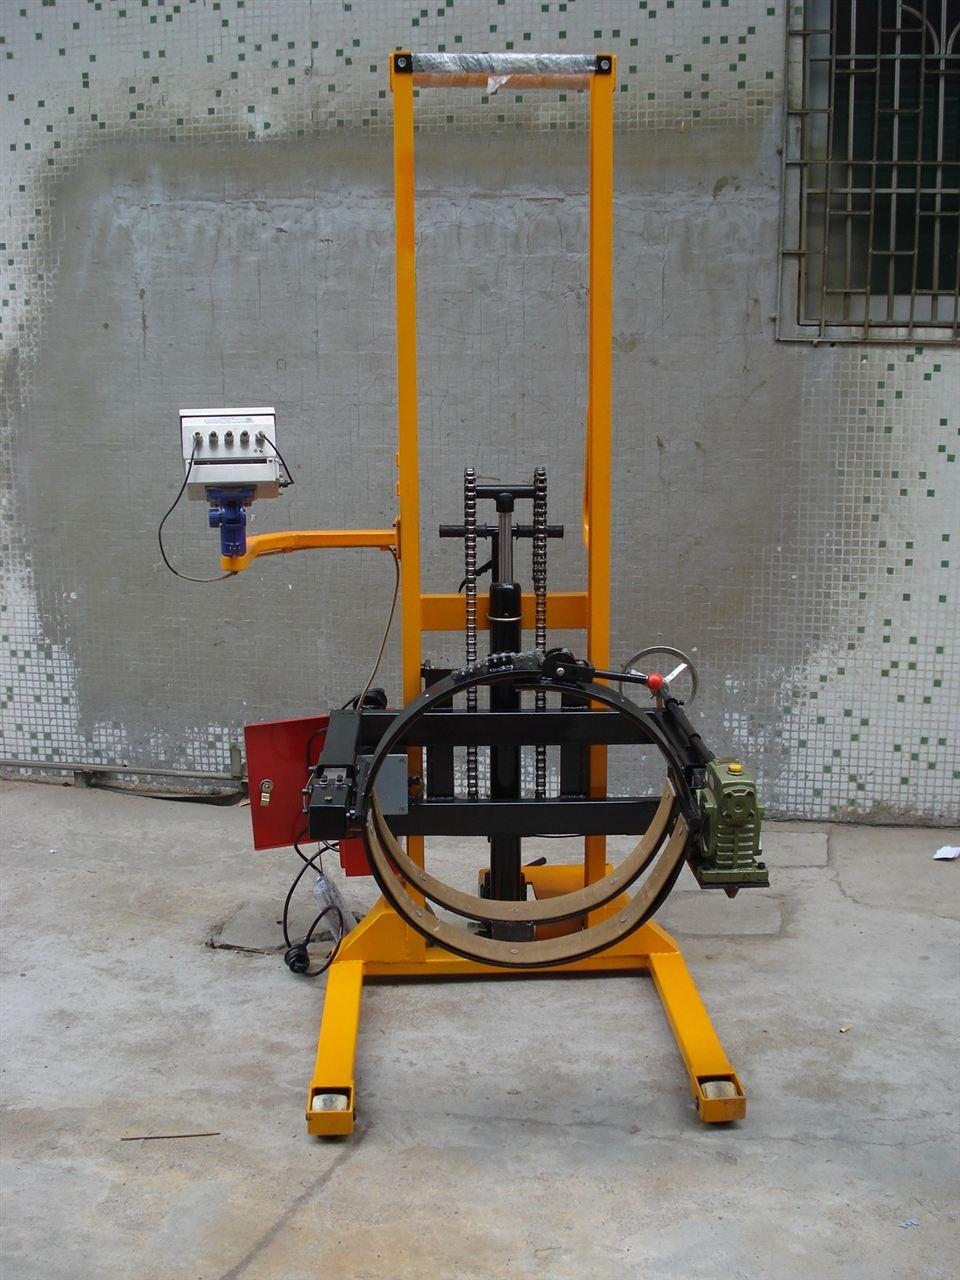 精确稳定, ◆双平行梁结构,抗侧向力强, ◆防护等级ip67; ◆接线盒